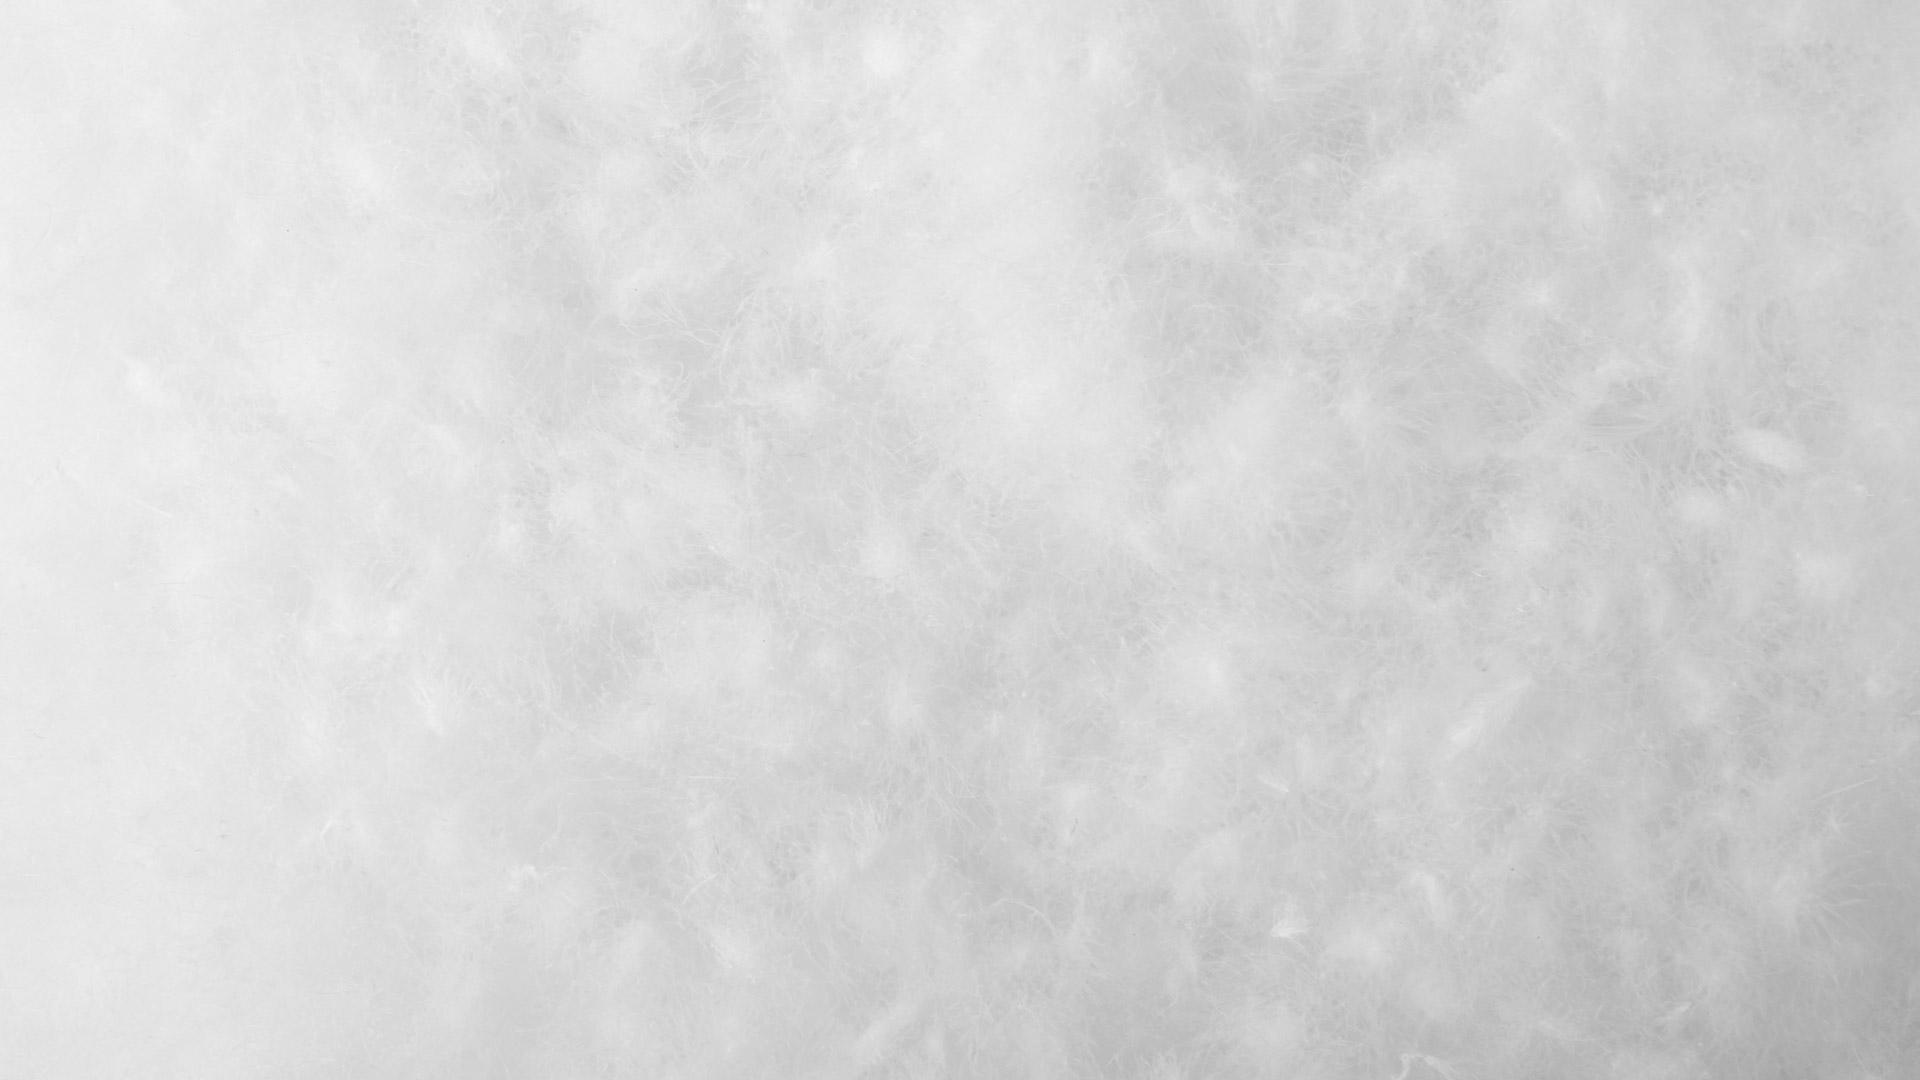 市面上常见的白绒、灰绒以及鹅绒、鸭绒中,我们选择了保暖指数和蓬松度优异的白鹅初绒。取白鹅翅下、腹下的朵状初生绒毛,经过8个流程精细加工而成,所得鹅绒绒朵大,绒梗小,含绒量高达95%。?x-oss-process=image/format,jpg/interlace,1